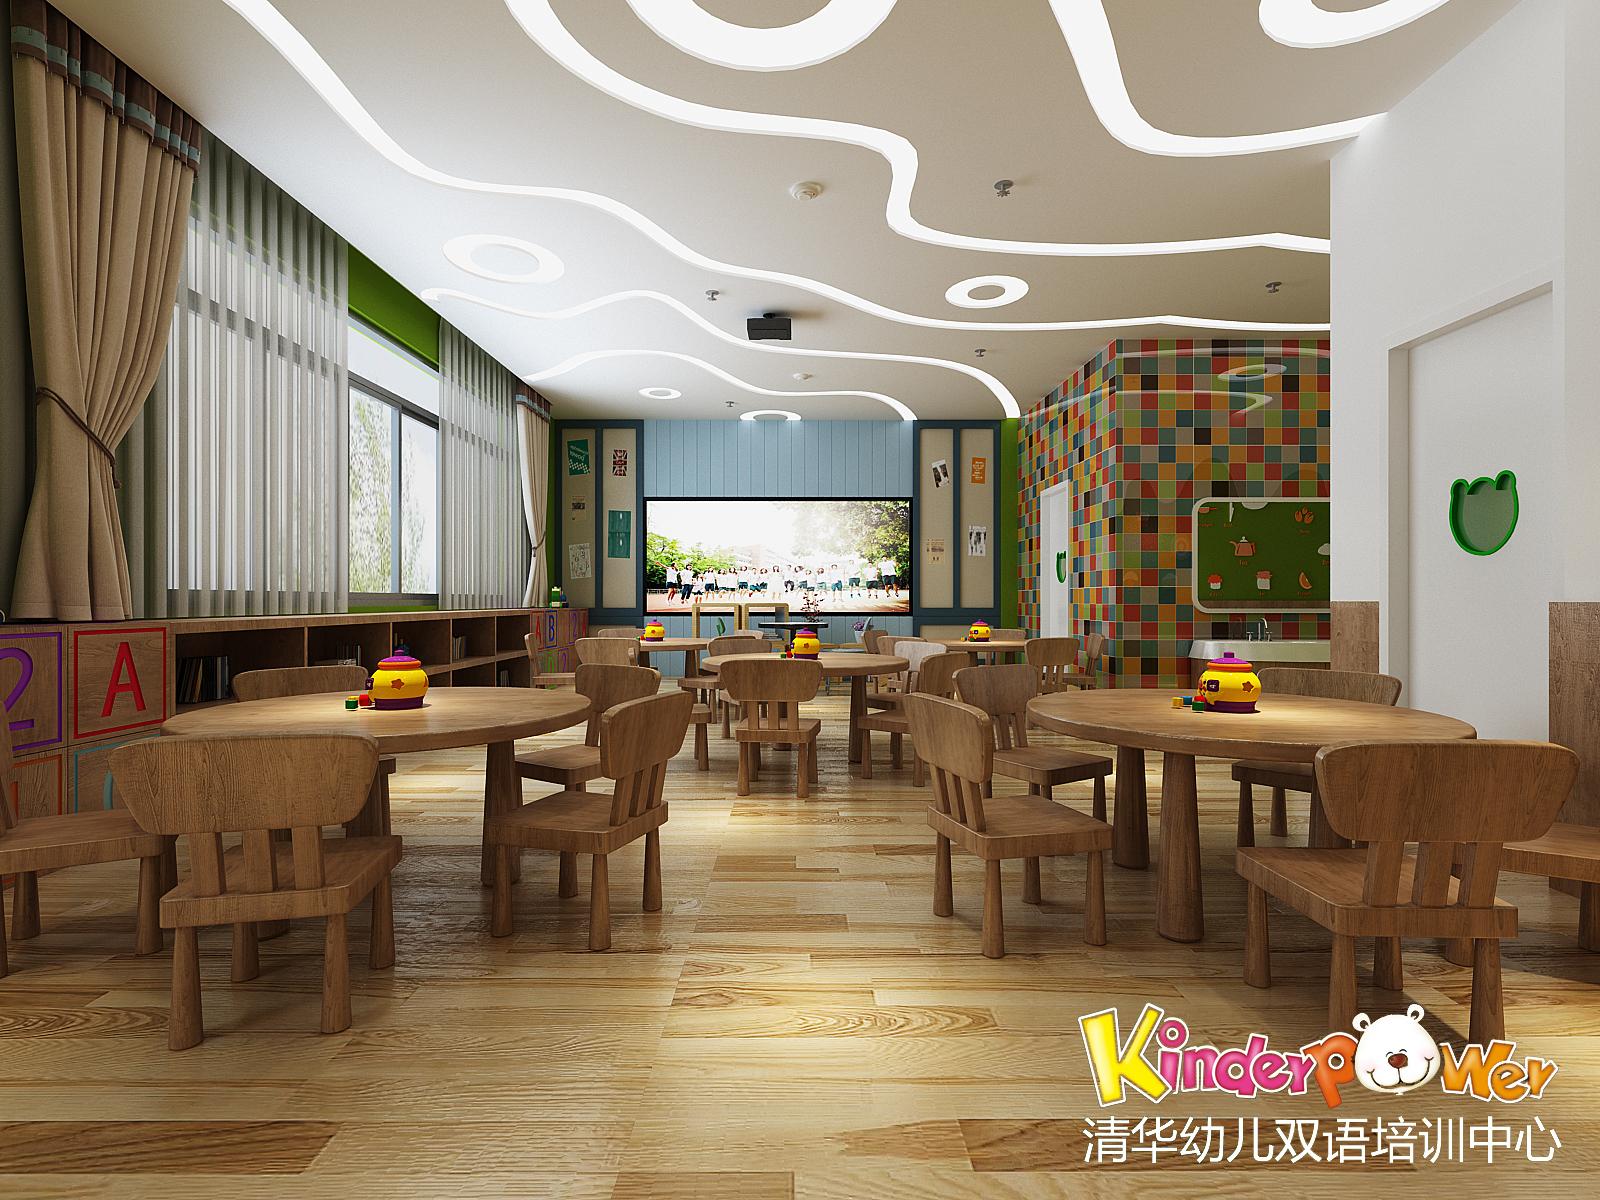 【亮点万利】山东滨州-清华幼儿园装修